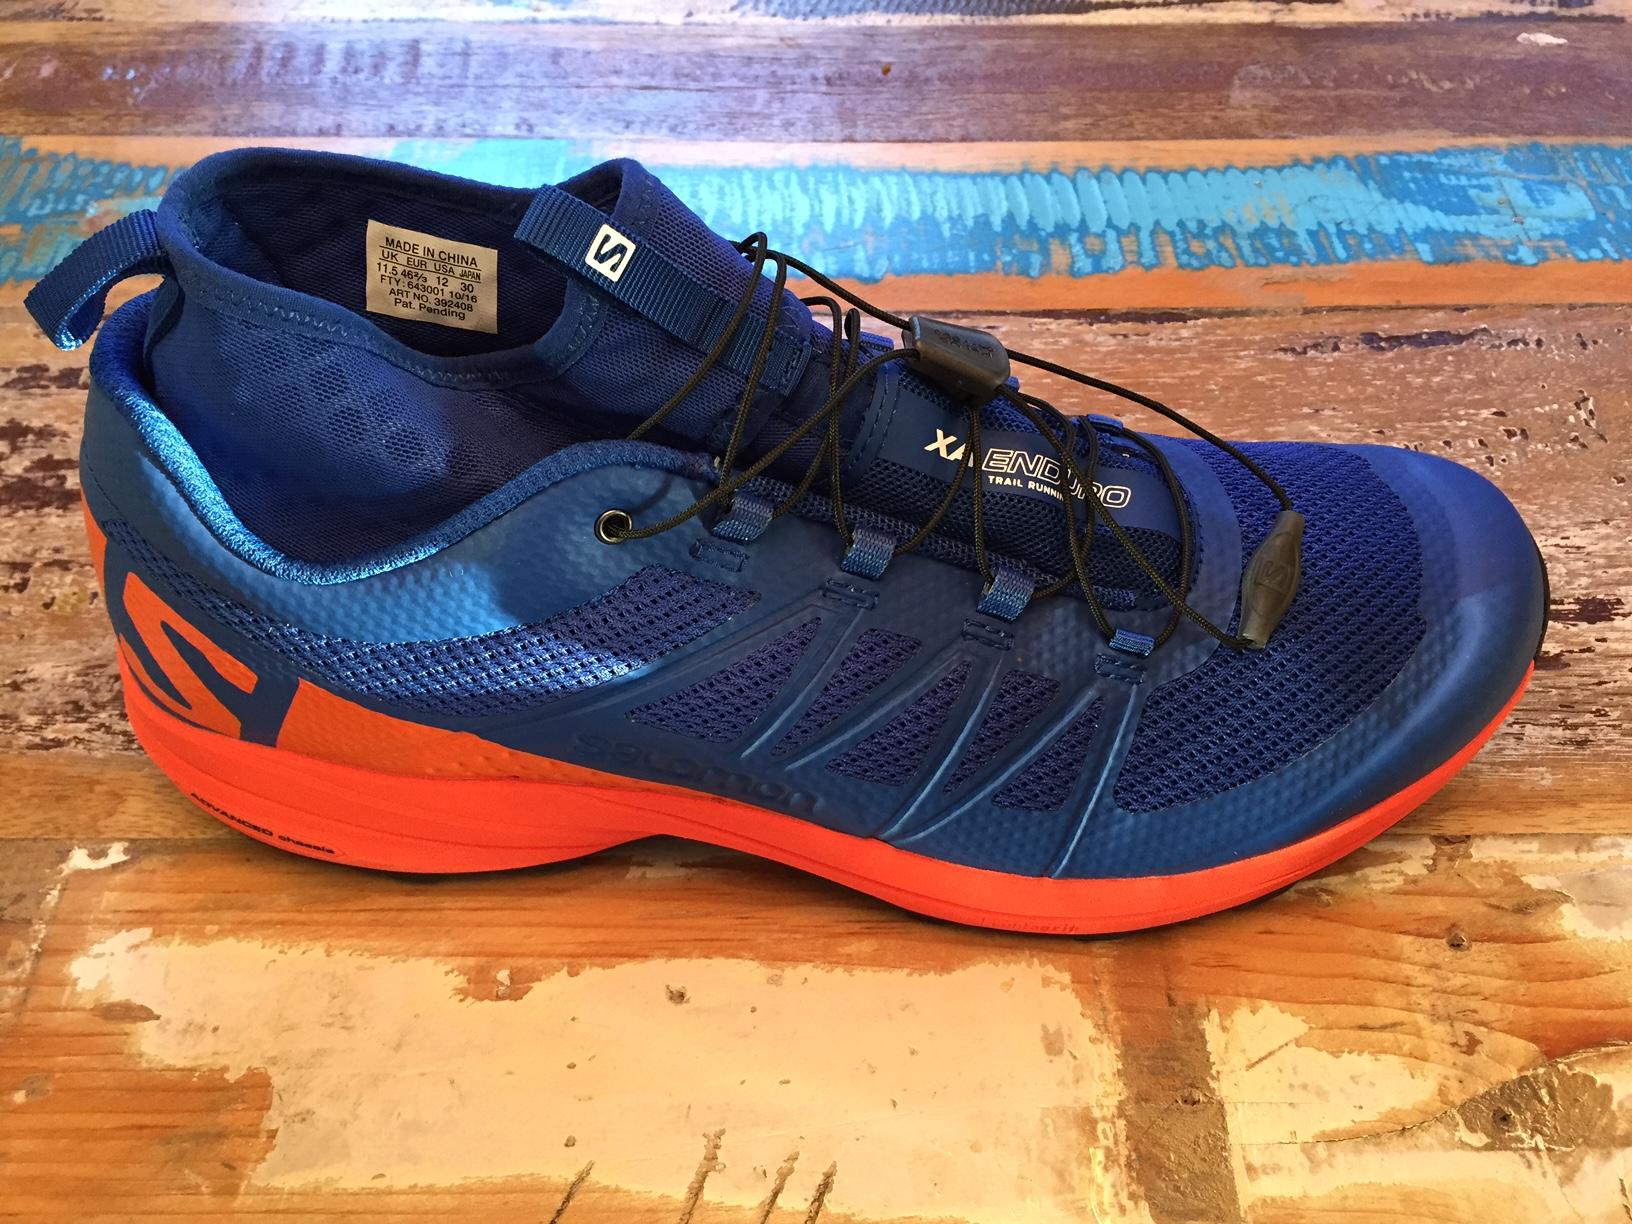 Salomon Xa Enduro Shoes Review